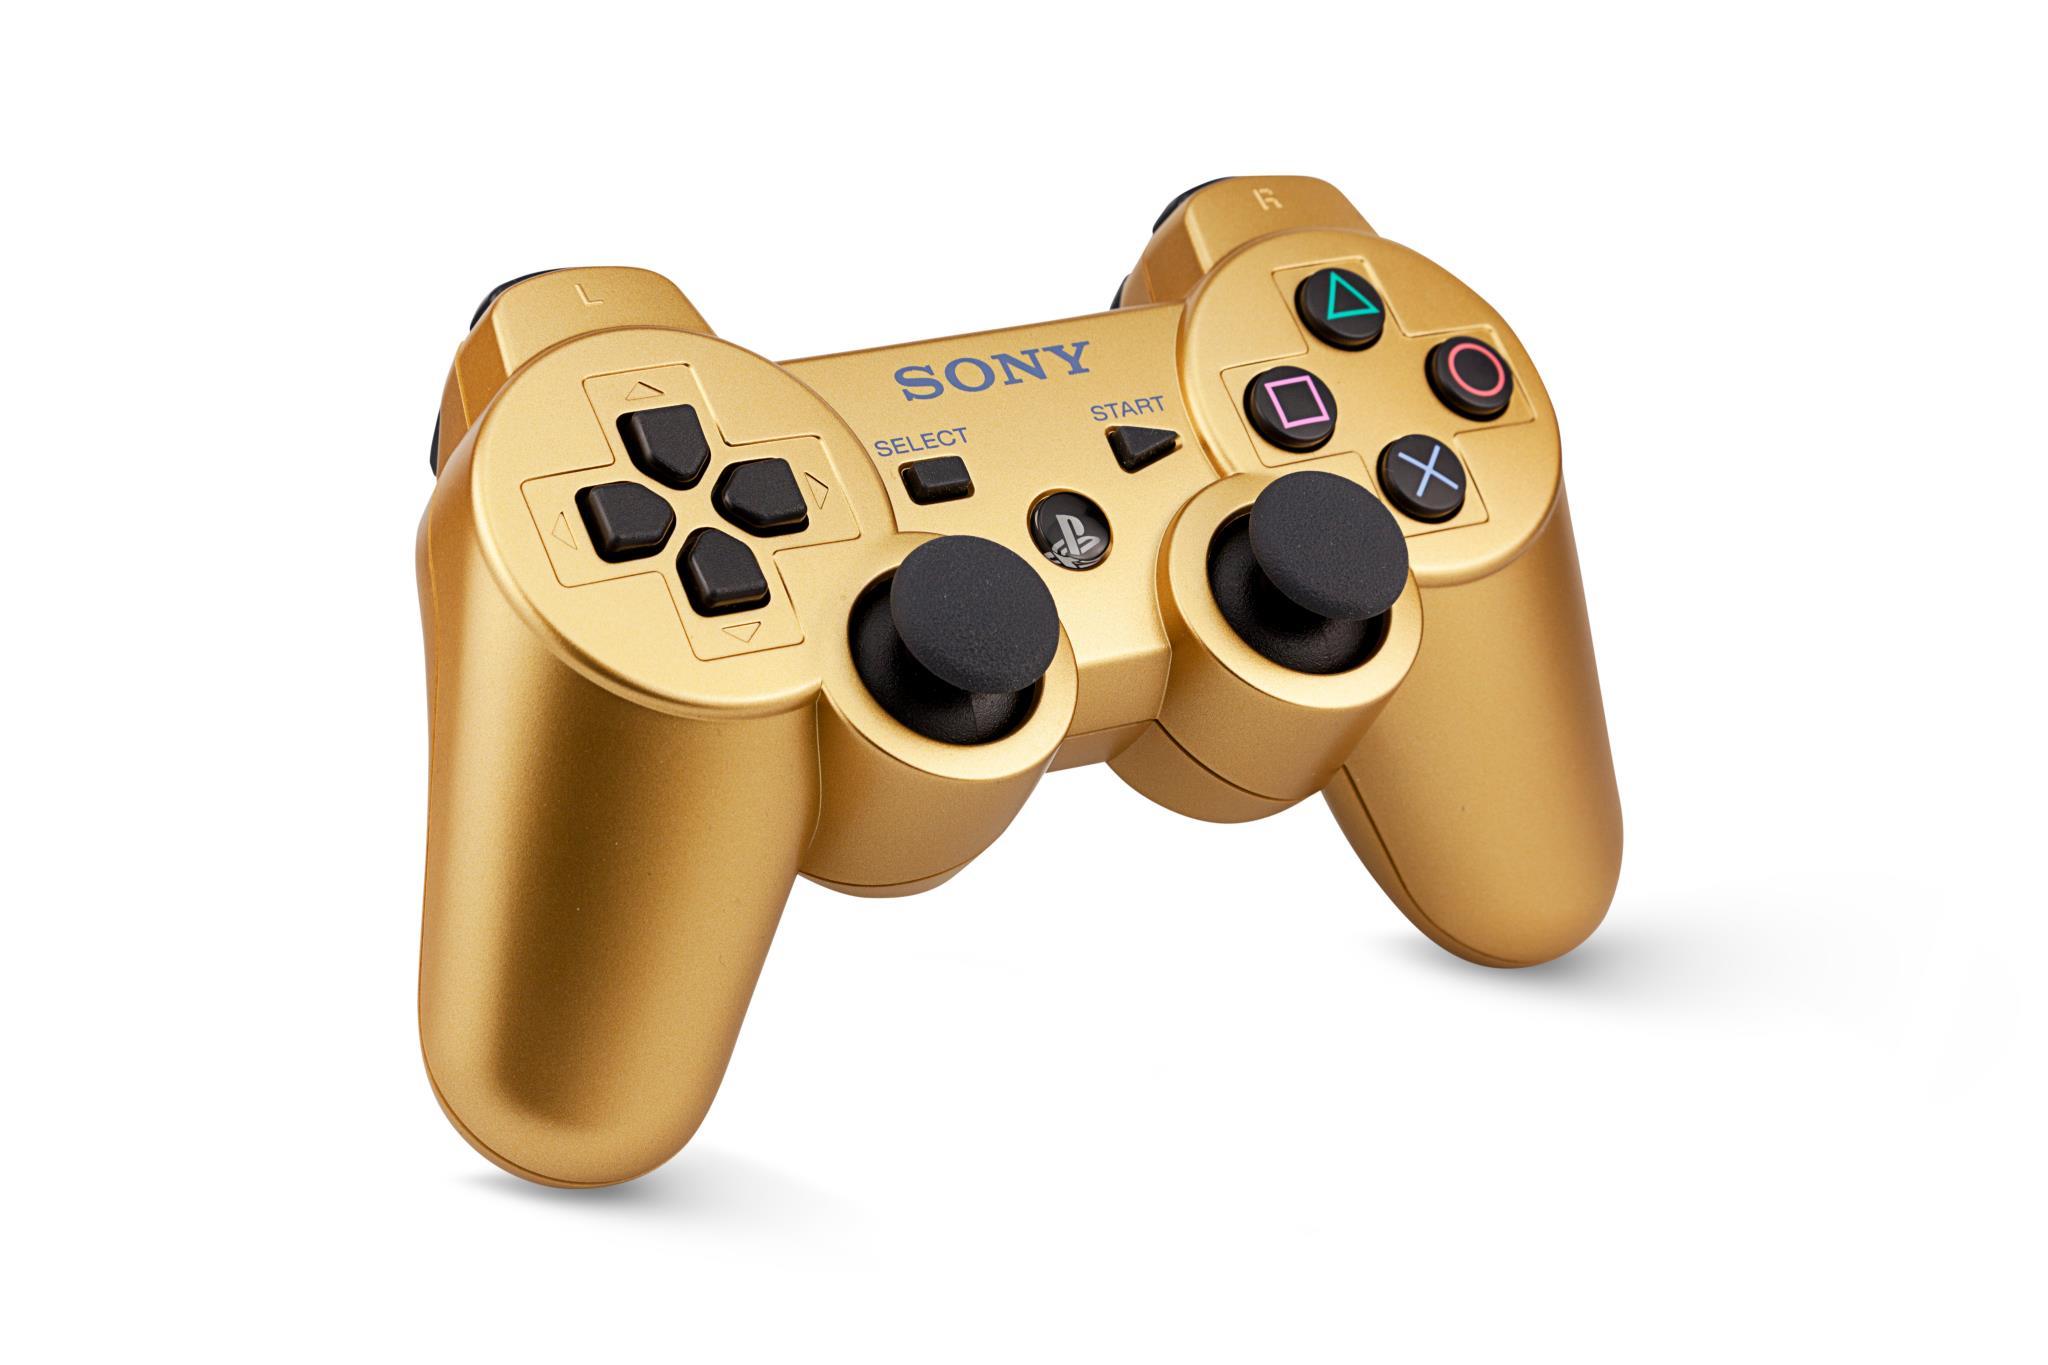 Sony kërkon ide kreative për dizajnin e kontrolluesit të PlayStation 3